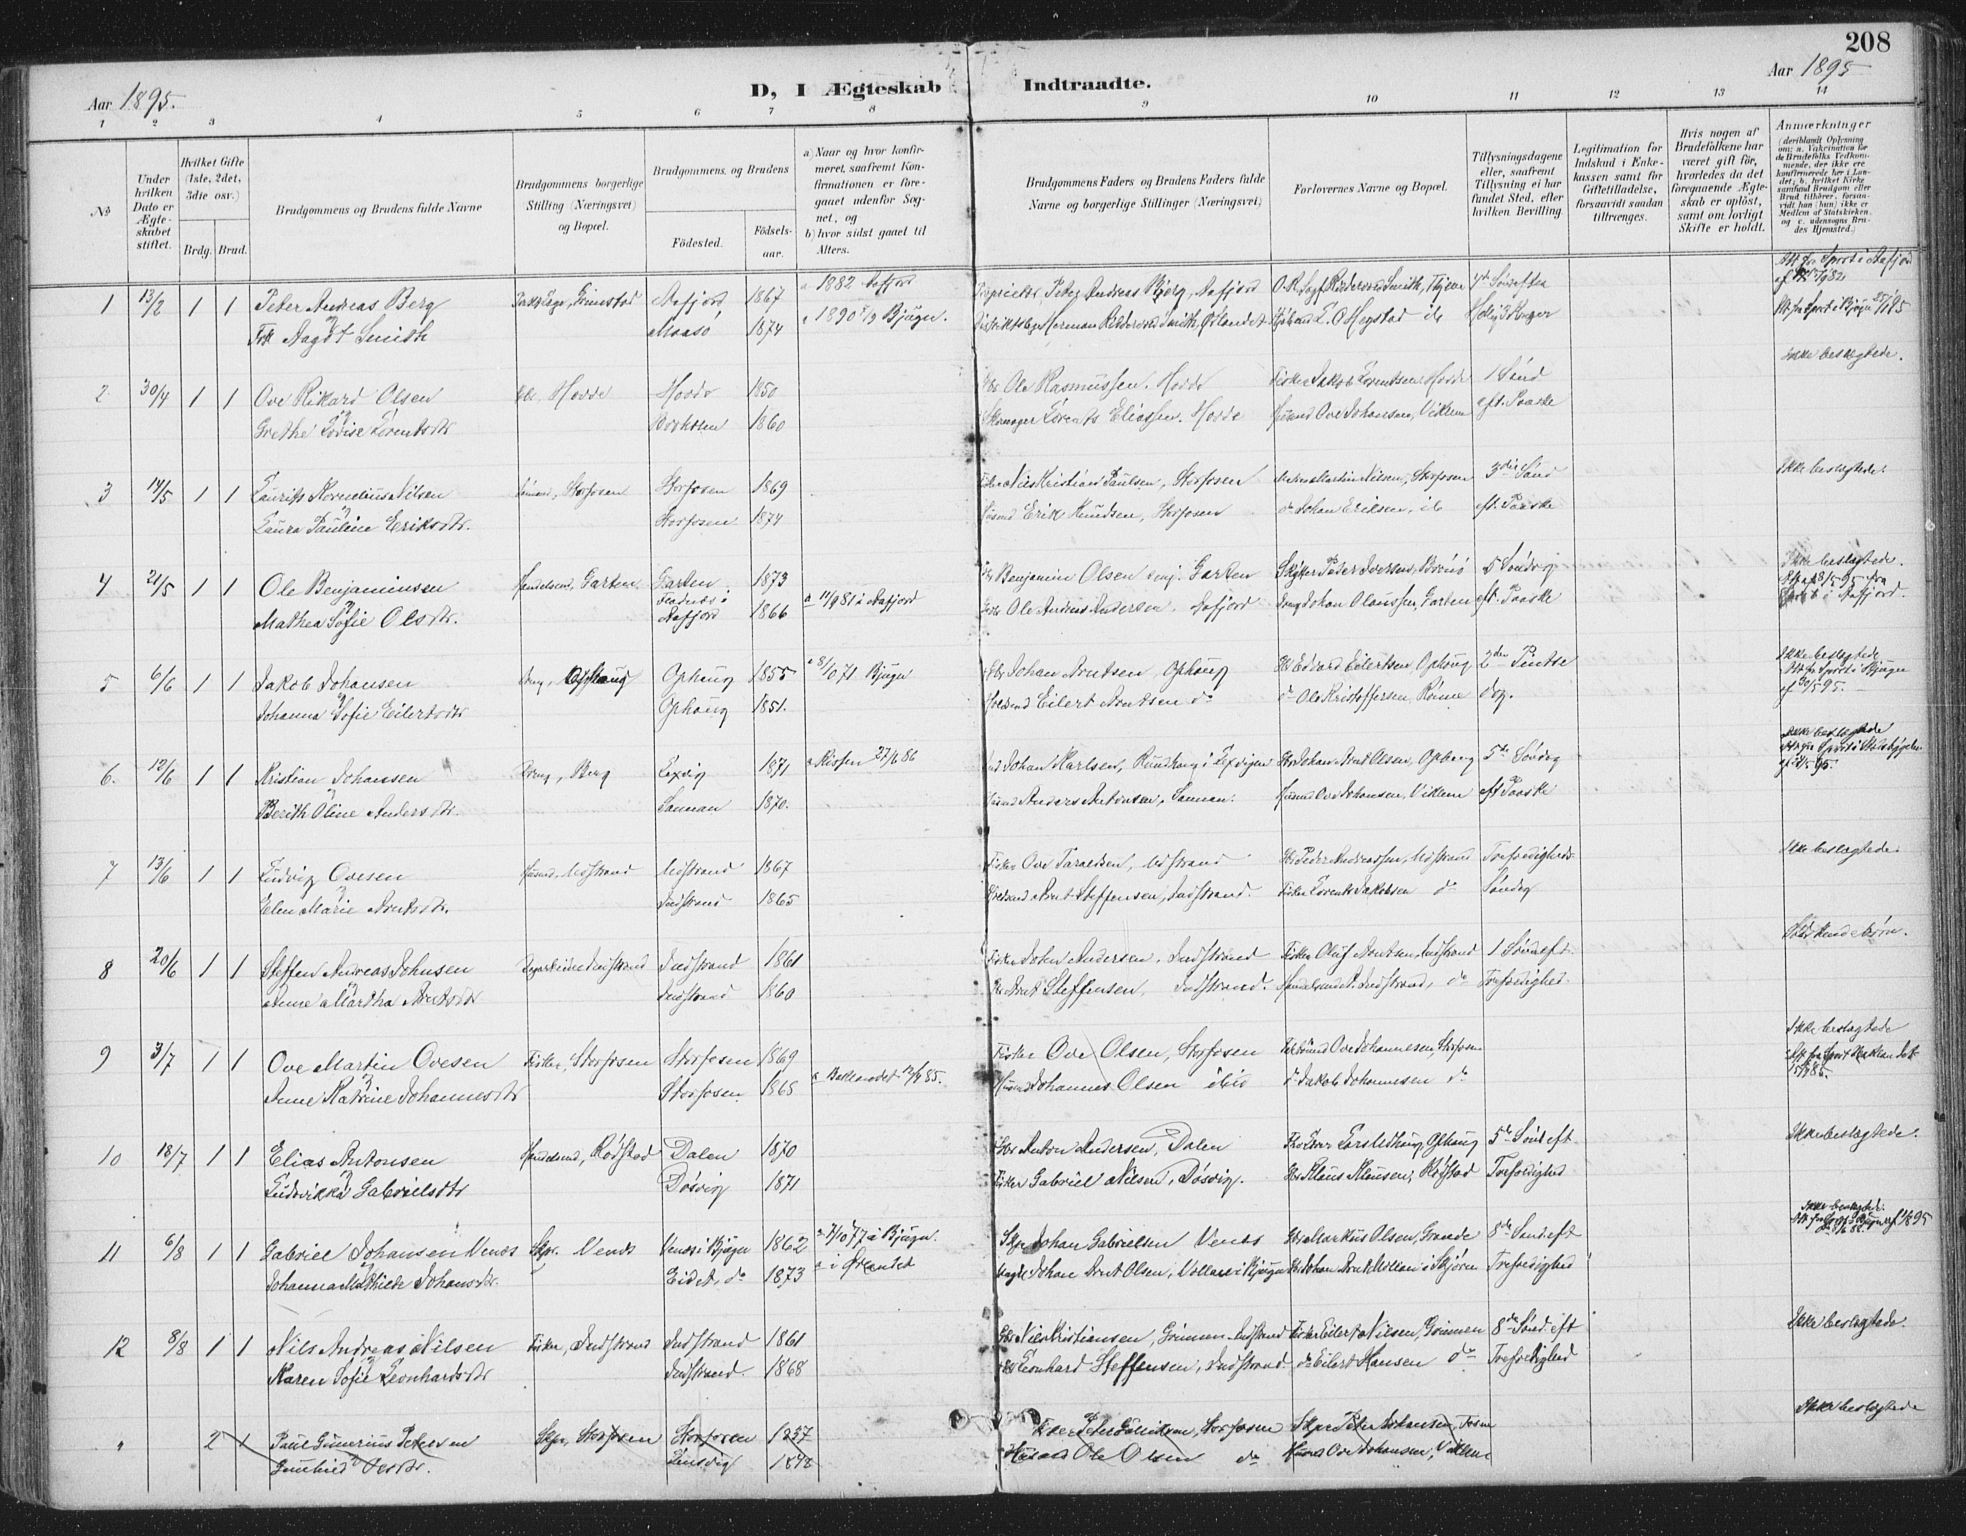 SAT, Ministerialprotokoller, klokkerbøker og fødselsregistre - Sør-Trøndelag, 659/L0743: Ministerialbok nr. 659A13, 1893-1910, s. 208